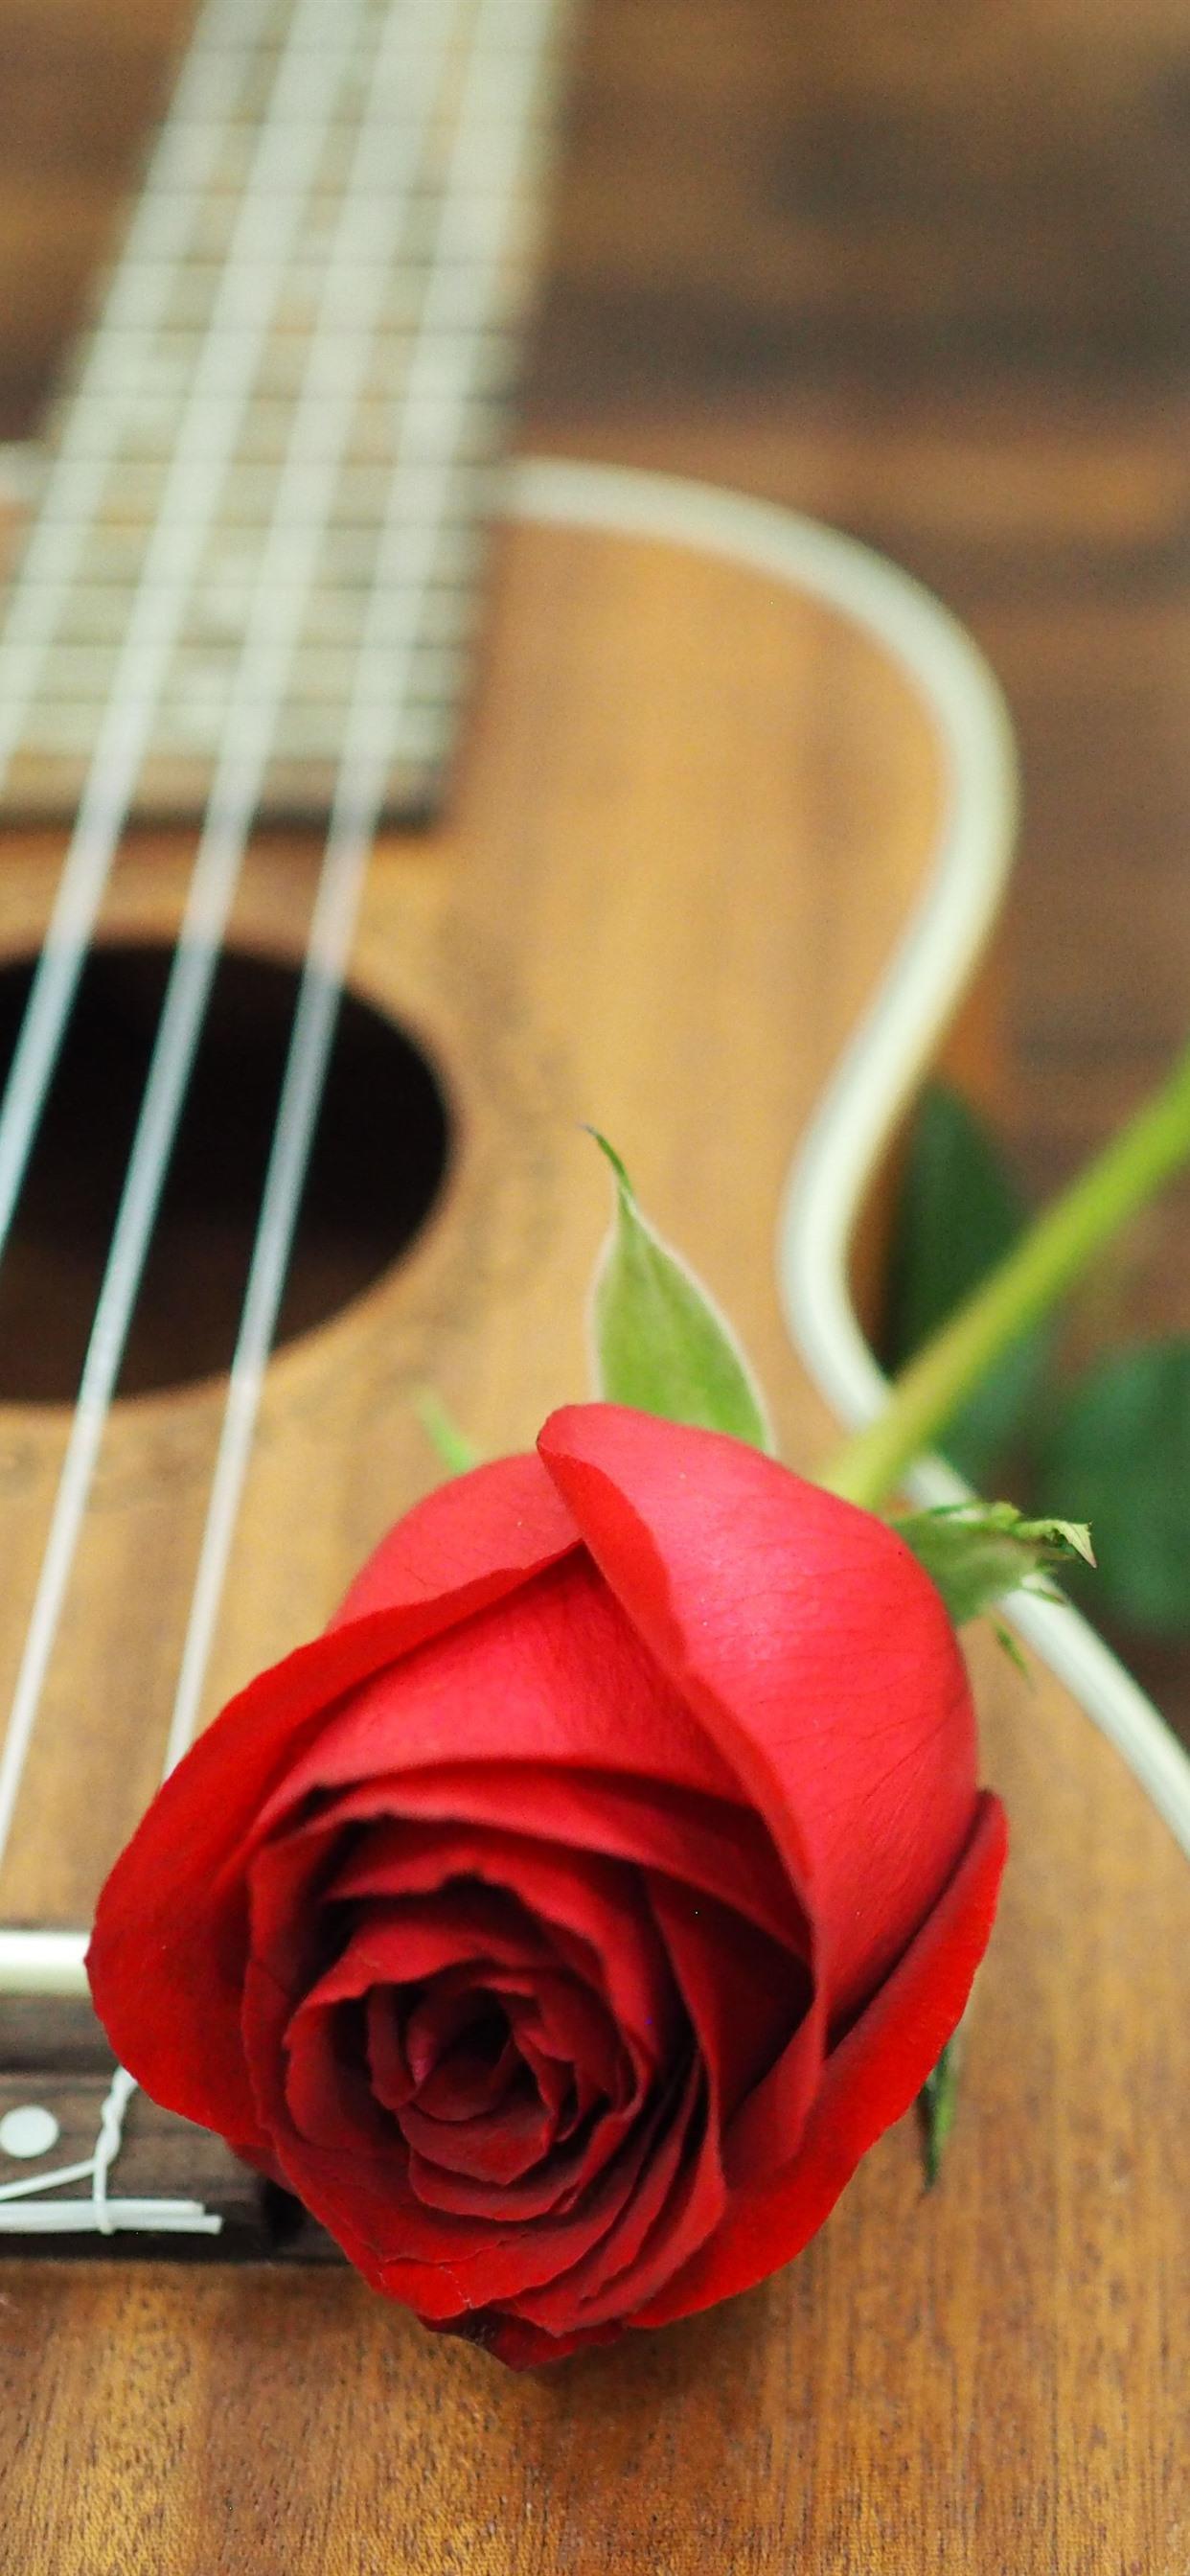 Red Rose Guitar 1242x2688 Iphone Xs Max Wallpaper